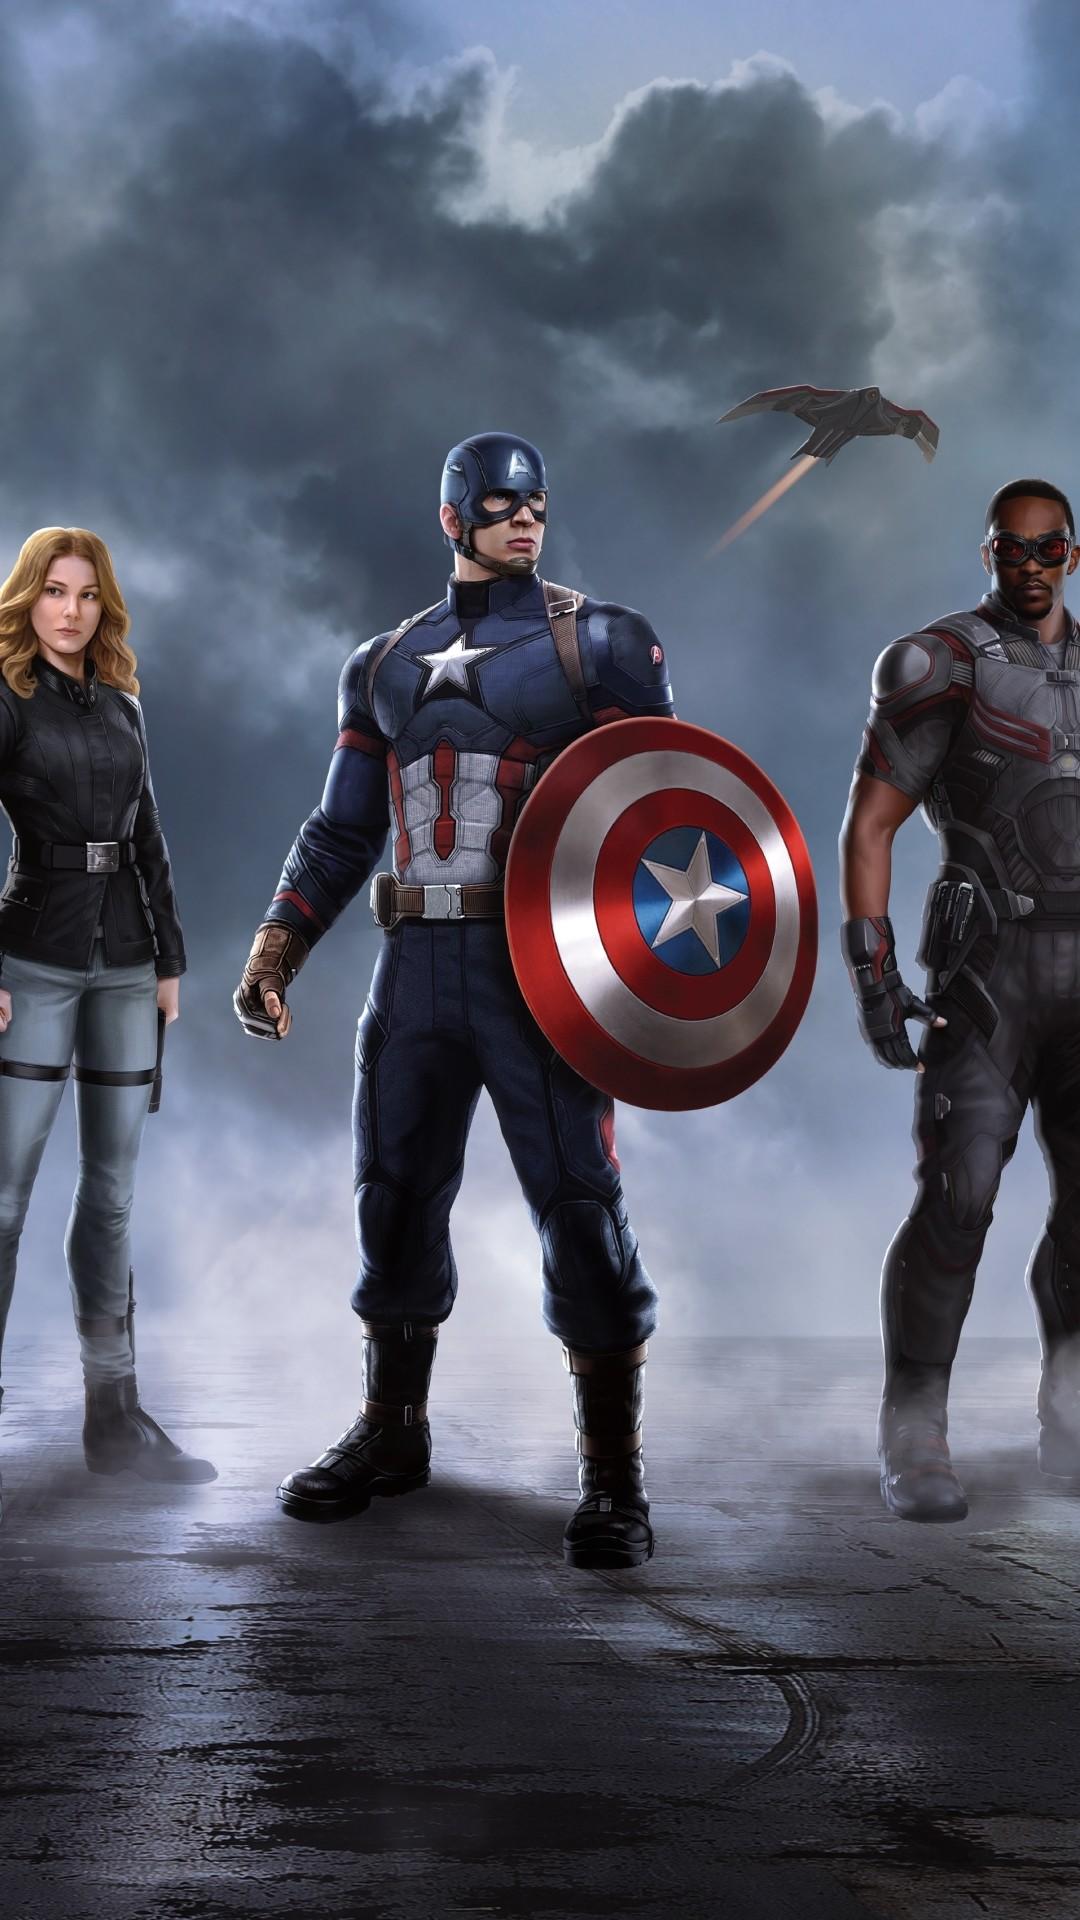 Avenger Civil War